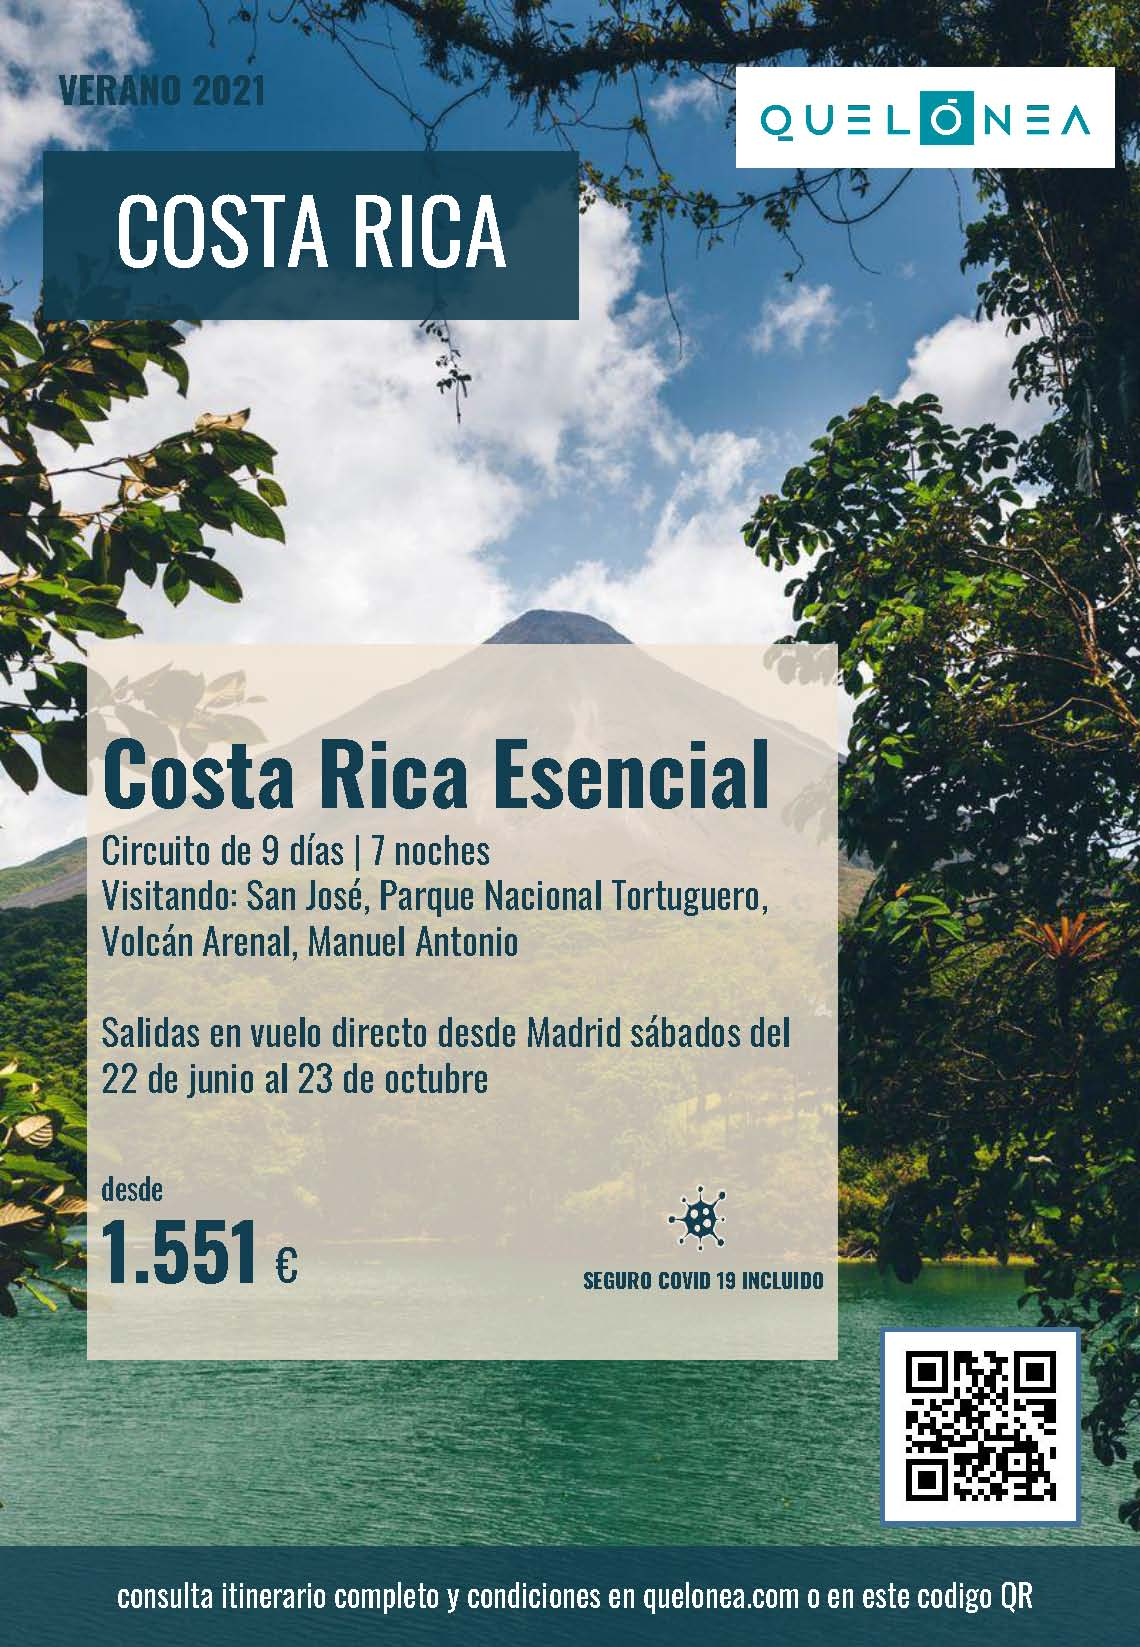 Oferta Quelonea Costa Rica Esencial Verano 2021 vuelo directo desde Madrid